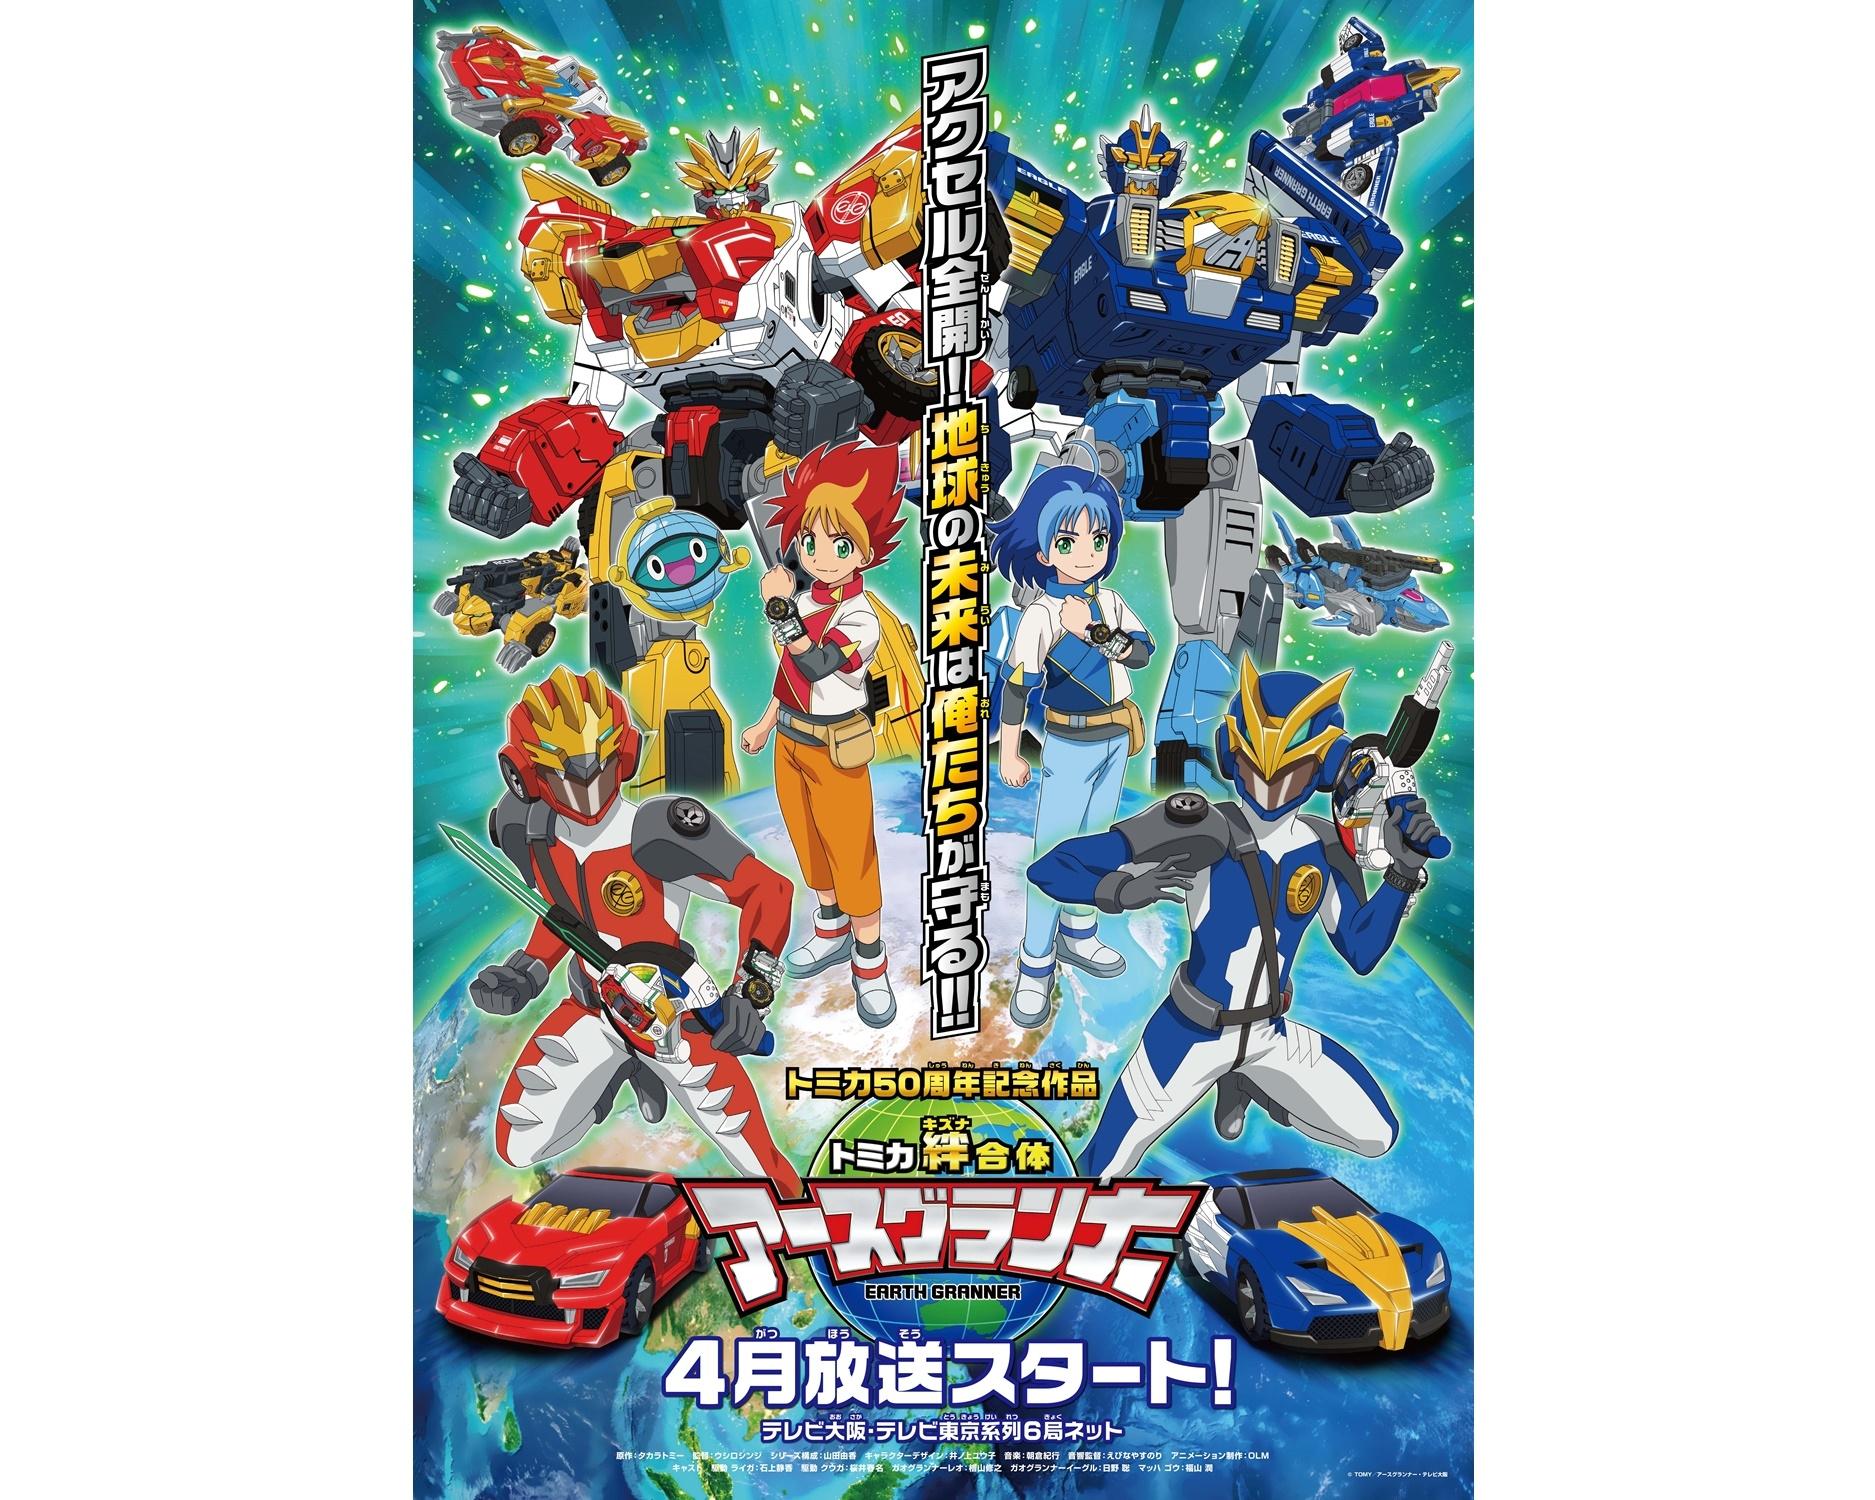 TVアニメ『トミカ絆合体 アースグランナー』2020年4月より放送開始